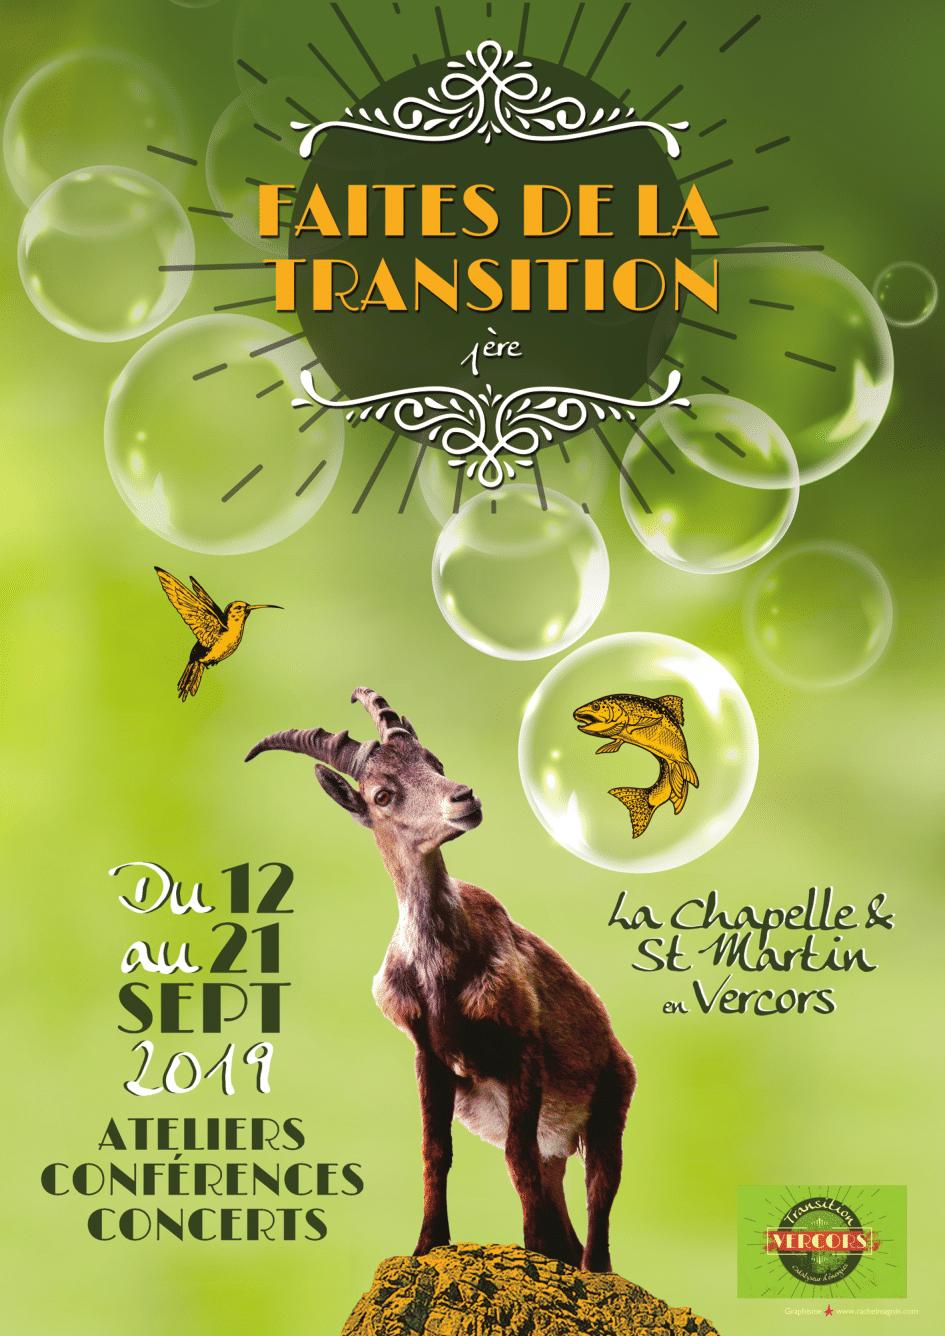 FAITES DE LA TRANSITION